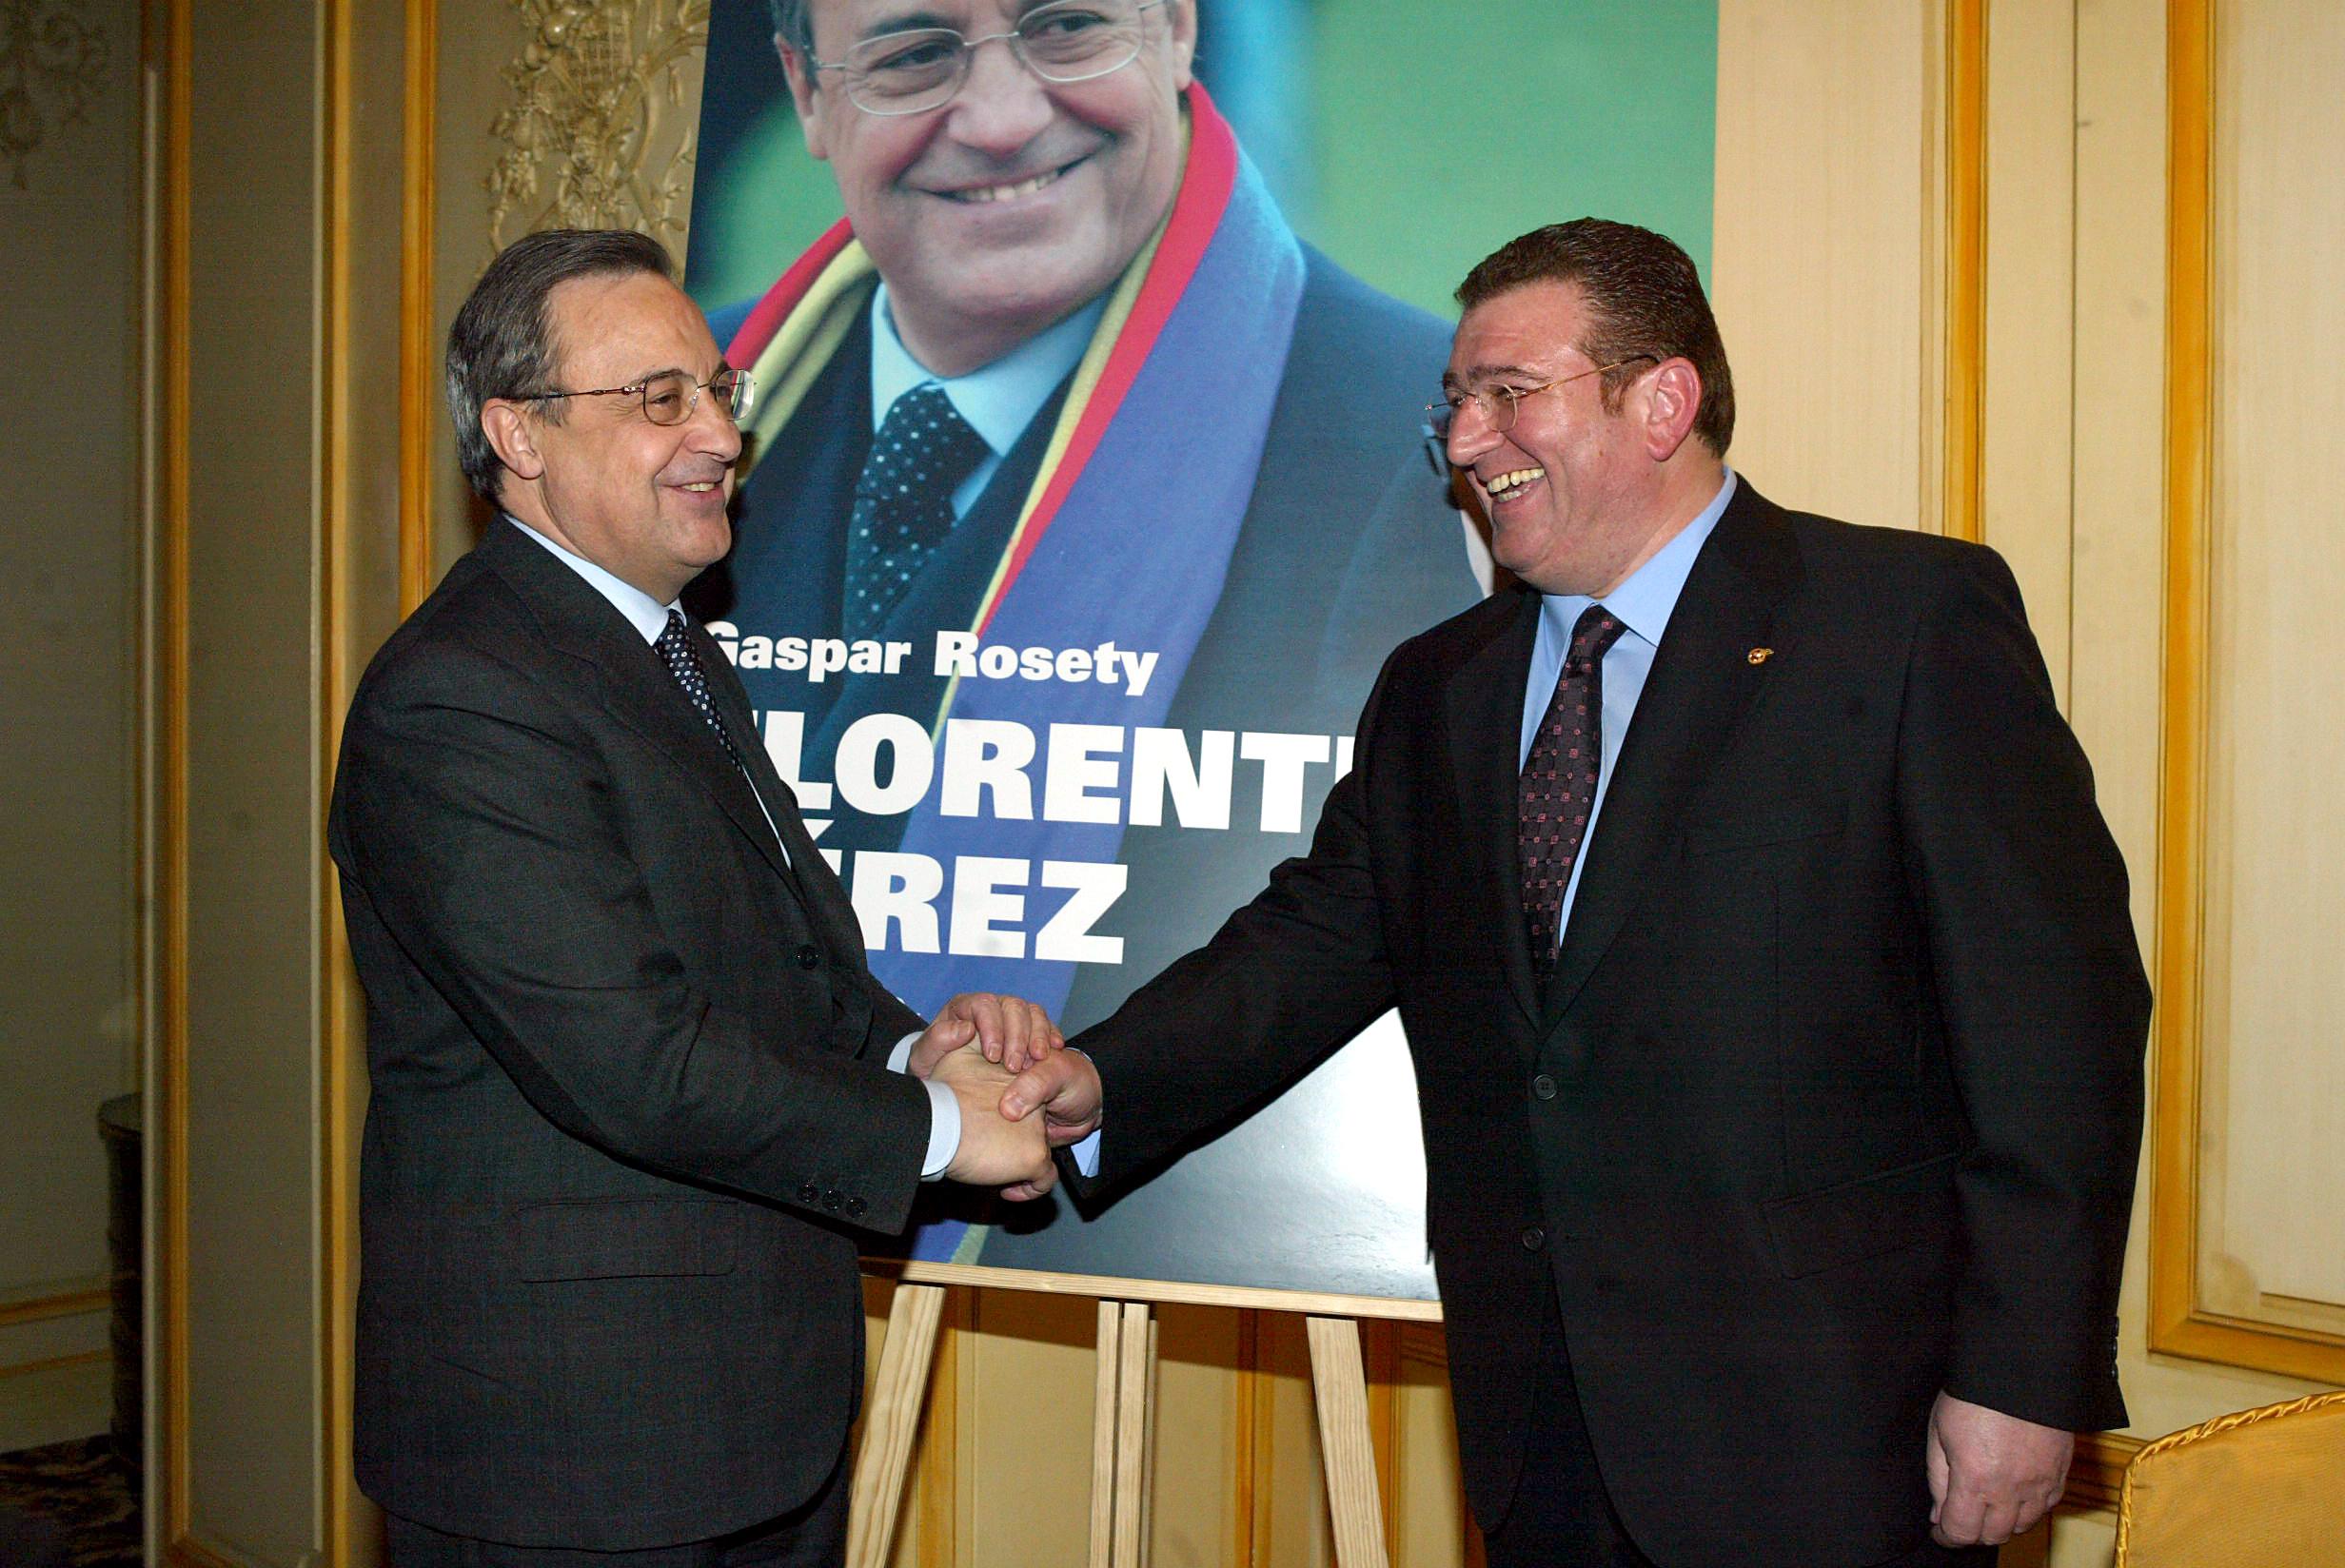 Junto a Florentino Pérez en la presentación del libro.